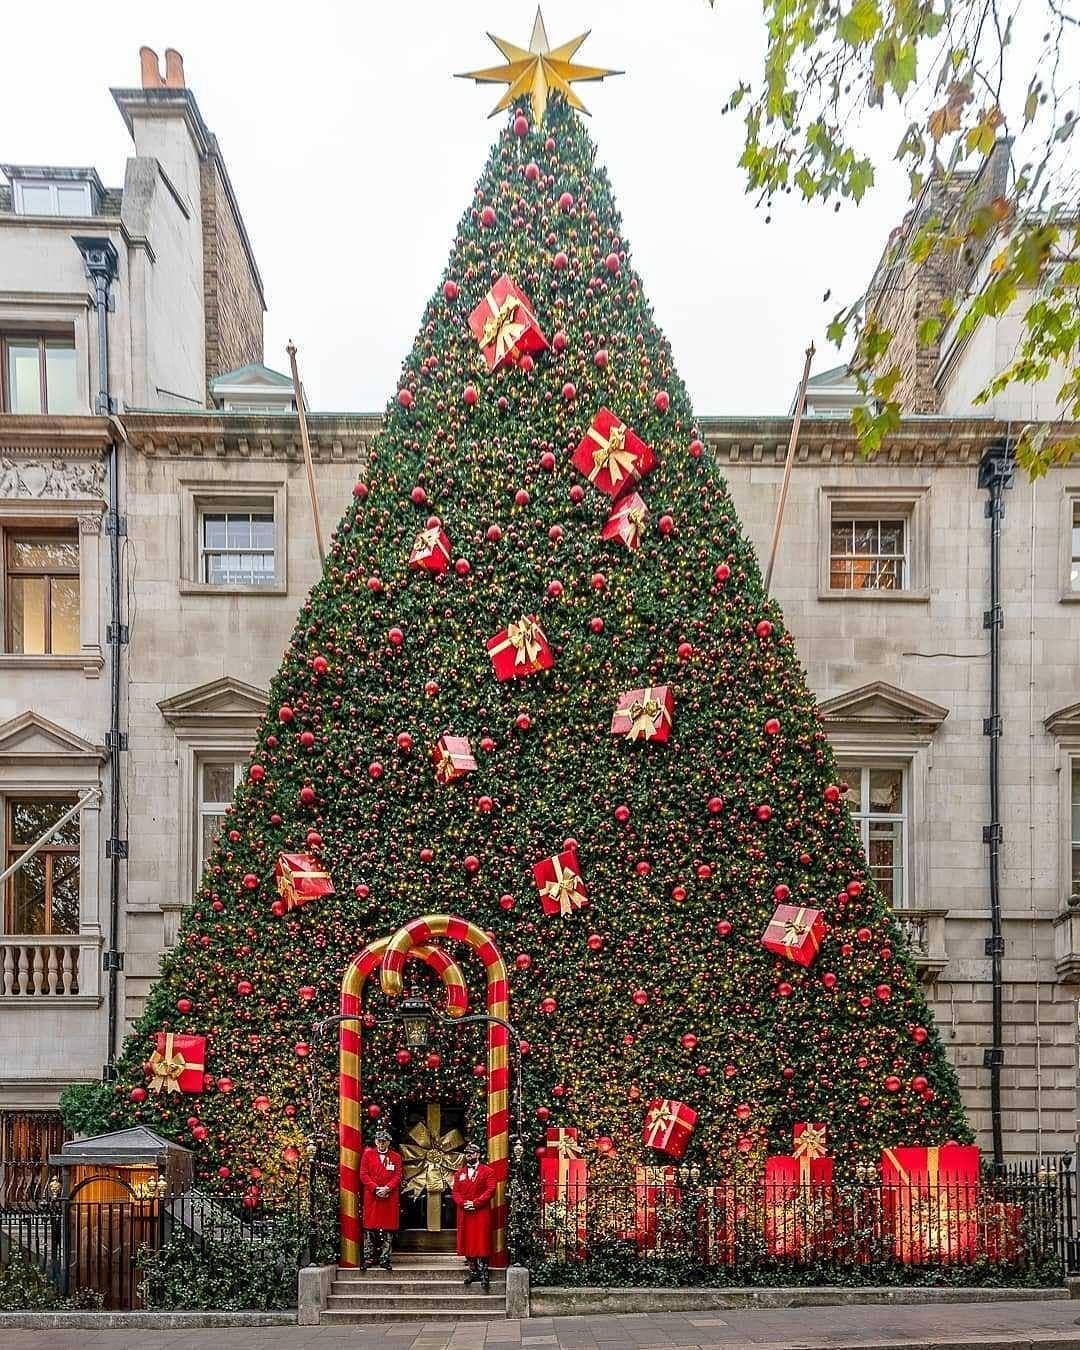 Google Image Result For Https I Pinimg Com Originals 92 1a D0 921ad099da31f6eca6b2f97b298ba204 In 2020 London Christmas Christmas Tree Pictures Funny Christmas Tree